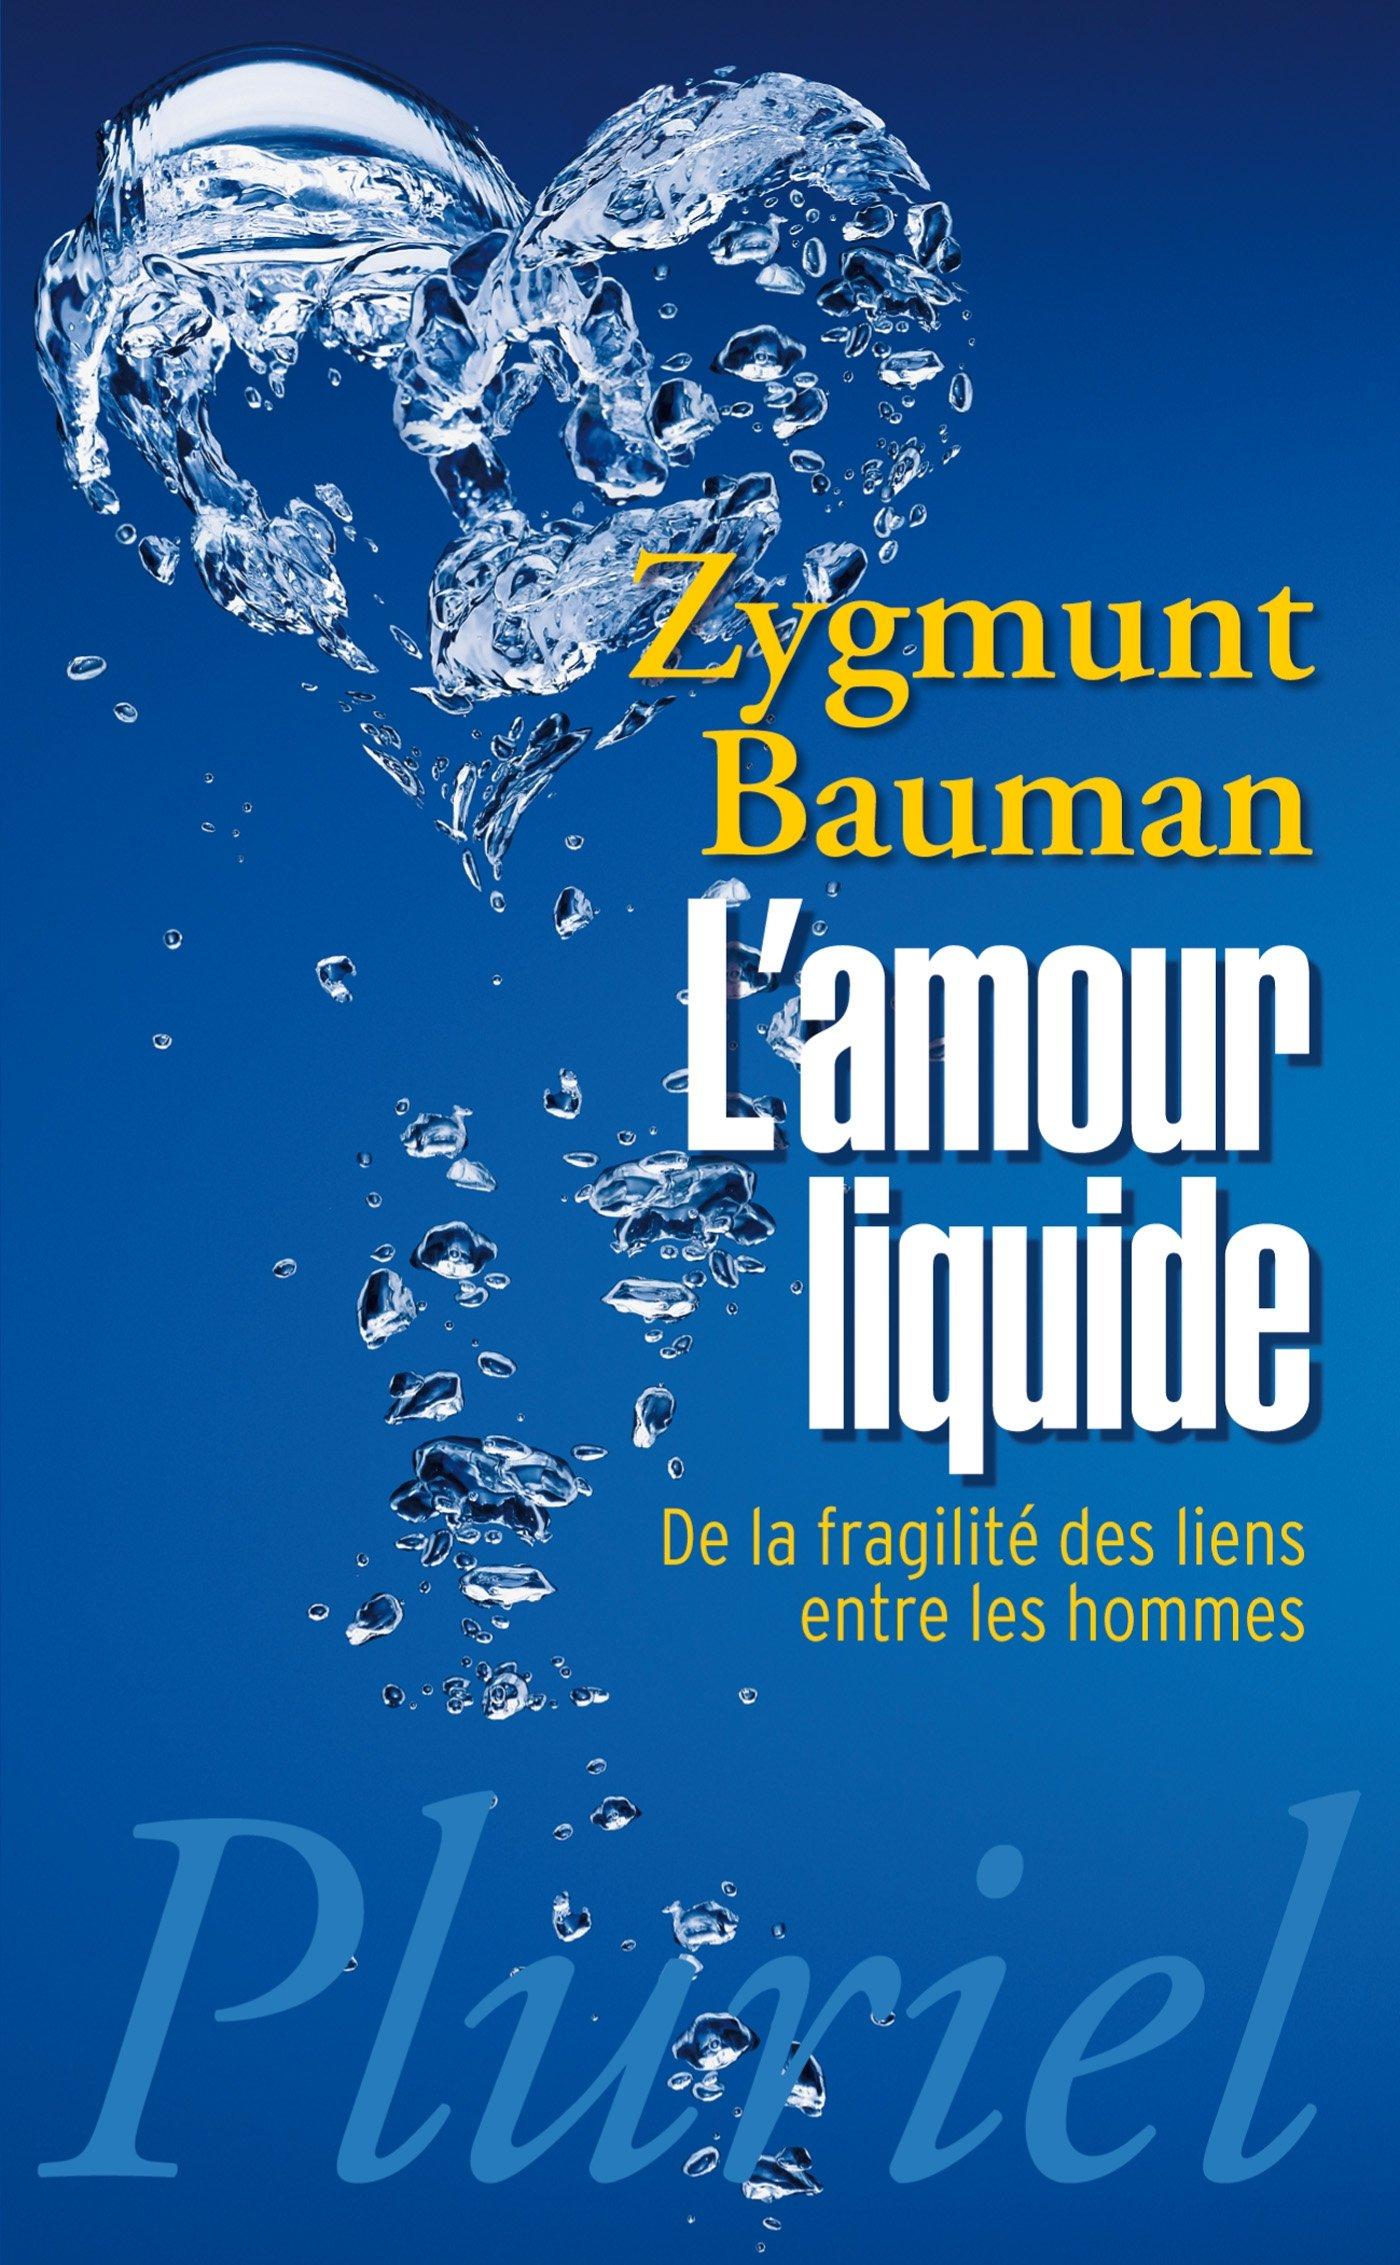 Amazon.fr - L'amour liquide: De la fragilité des liens entre les hommes - Bauman, Zygmunt - Livres